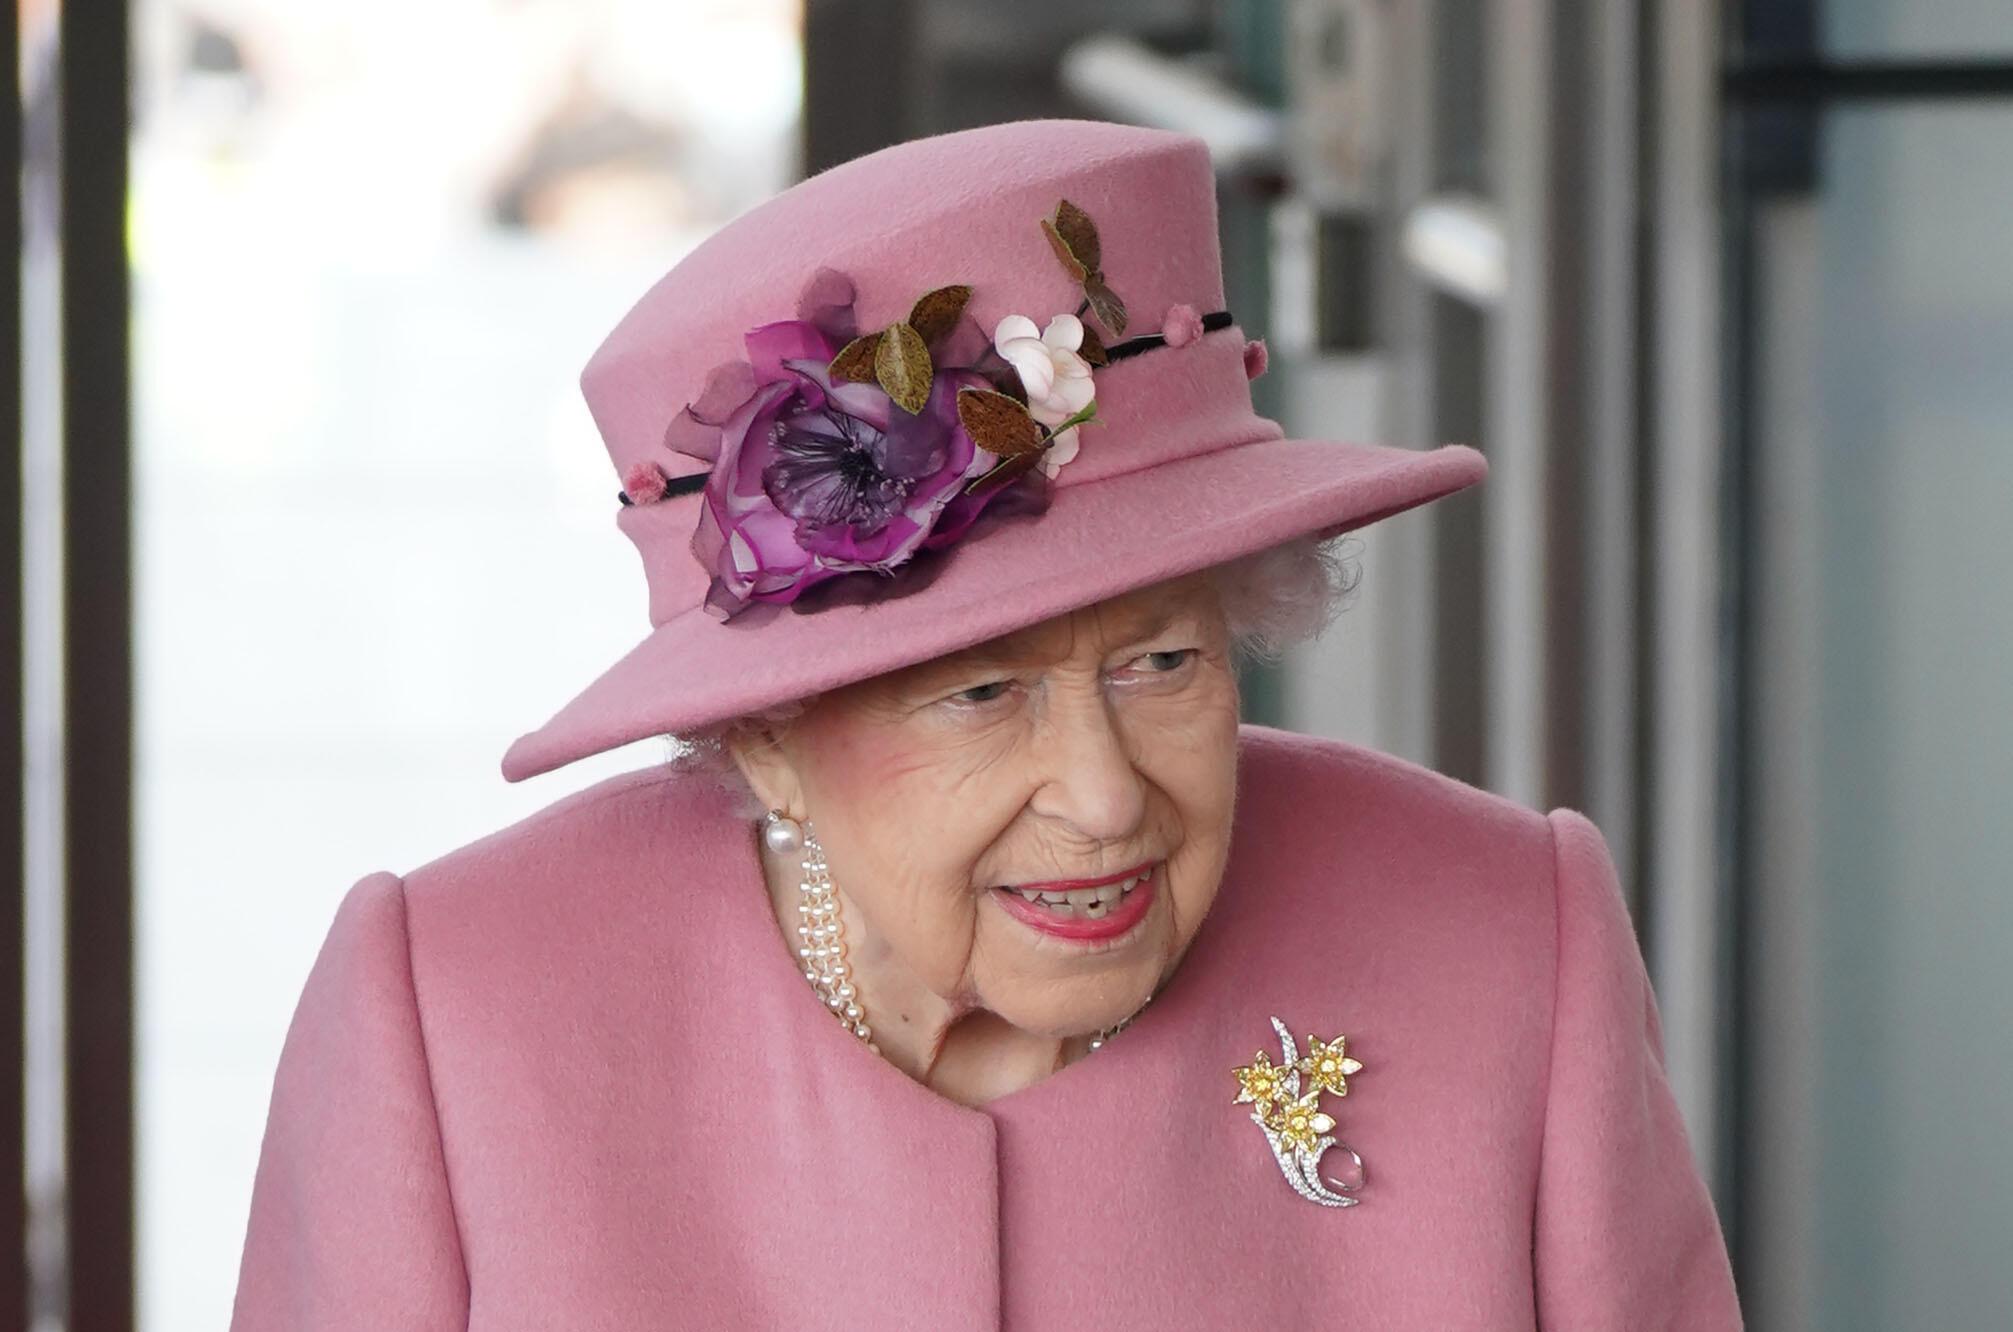 La reina Isabel II asiste a la ceremonia inaugural de la nueva legislatura del Parlamento de Gales, el 14 de octubre de 2021 en la ciudad británica de Cardiff